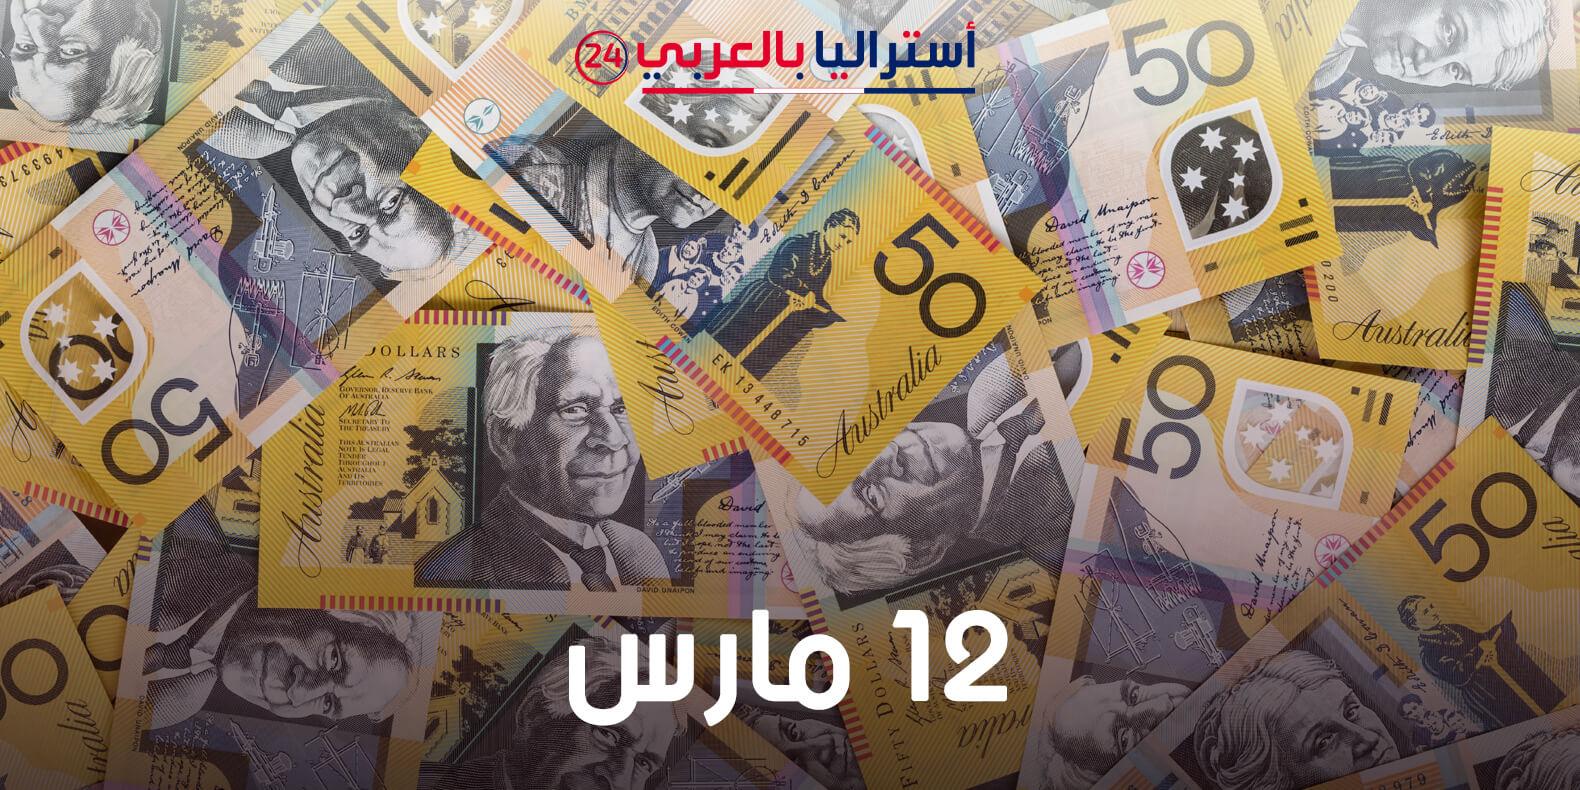 سعر الدولار الاسترالي مقابل العملات العالمية والعربية اليوم 12 مارس